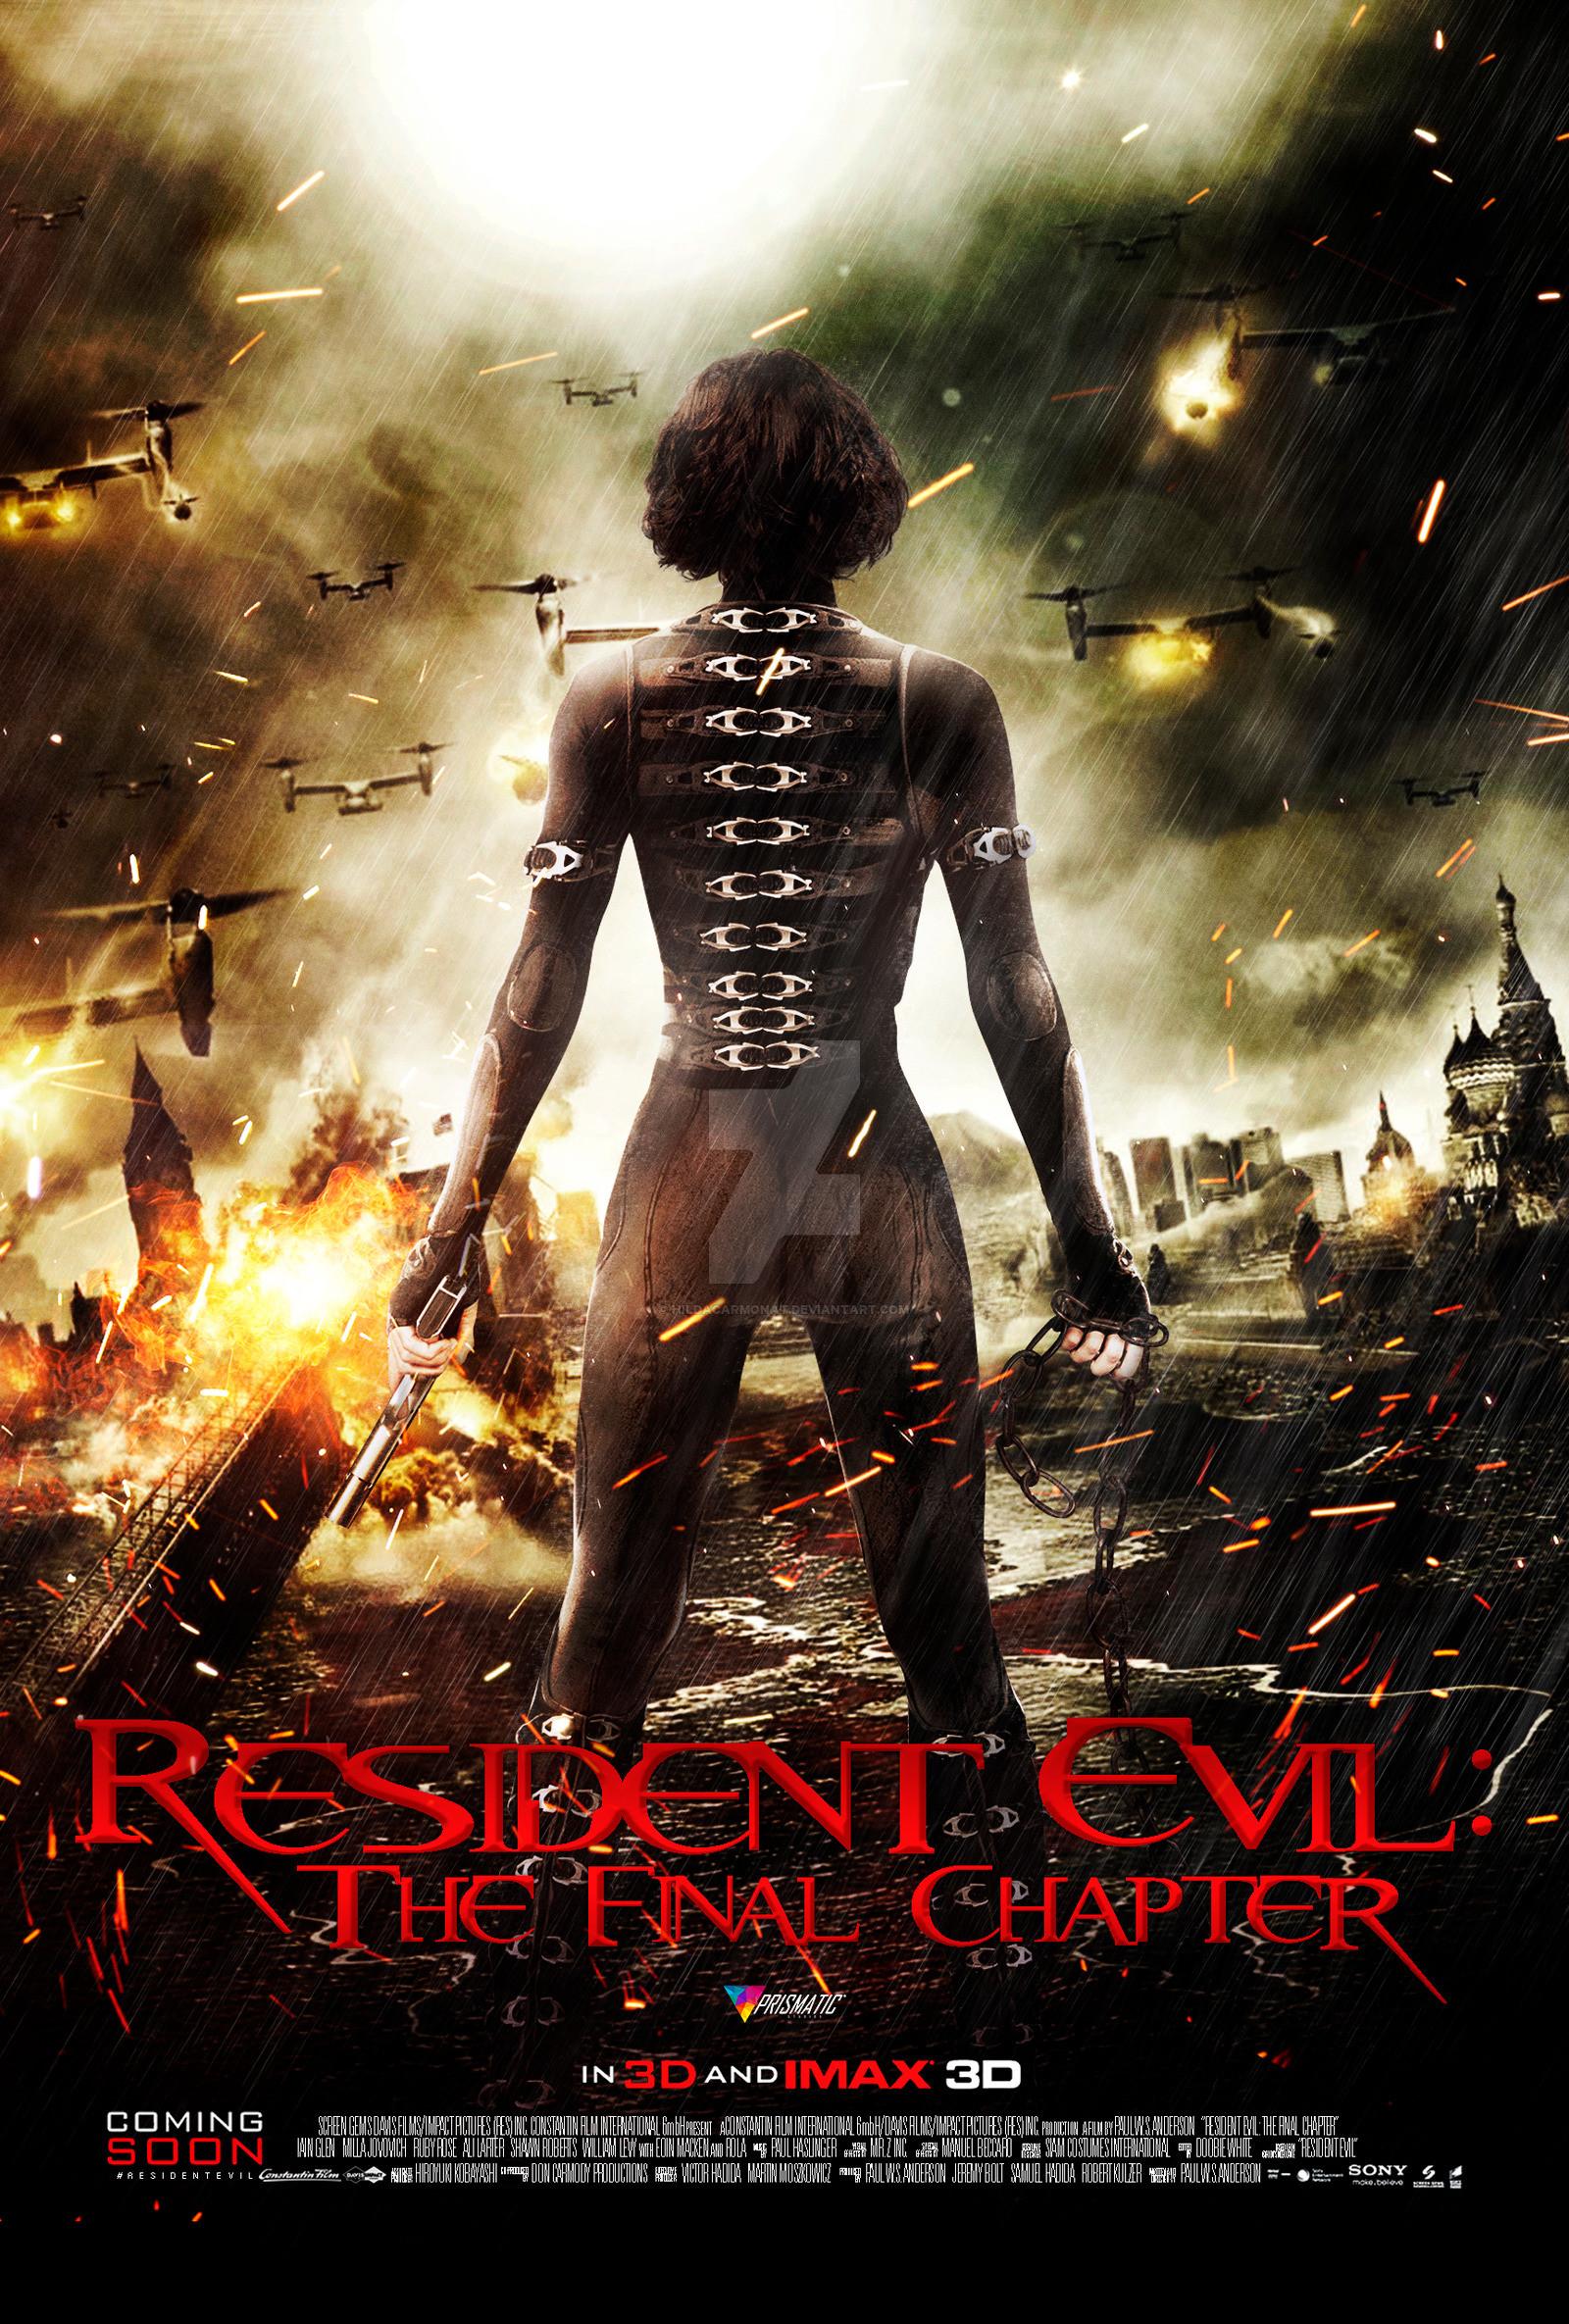 Resident evil 4 movie wallpaper 63 images - Resident evil the final chapter wallpaper ...